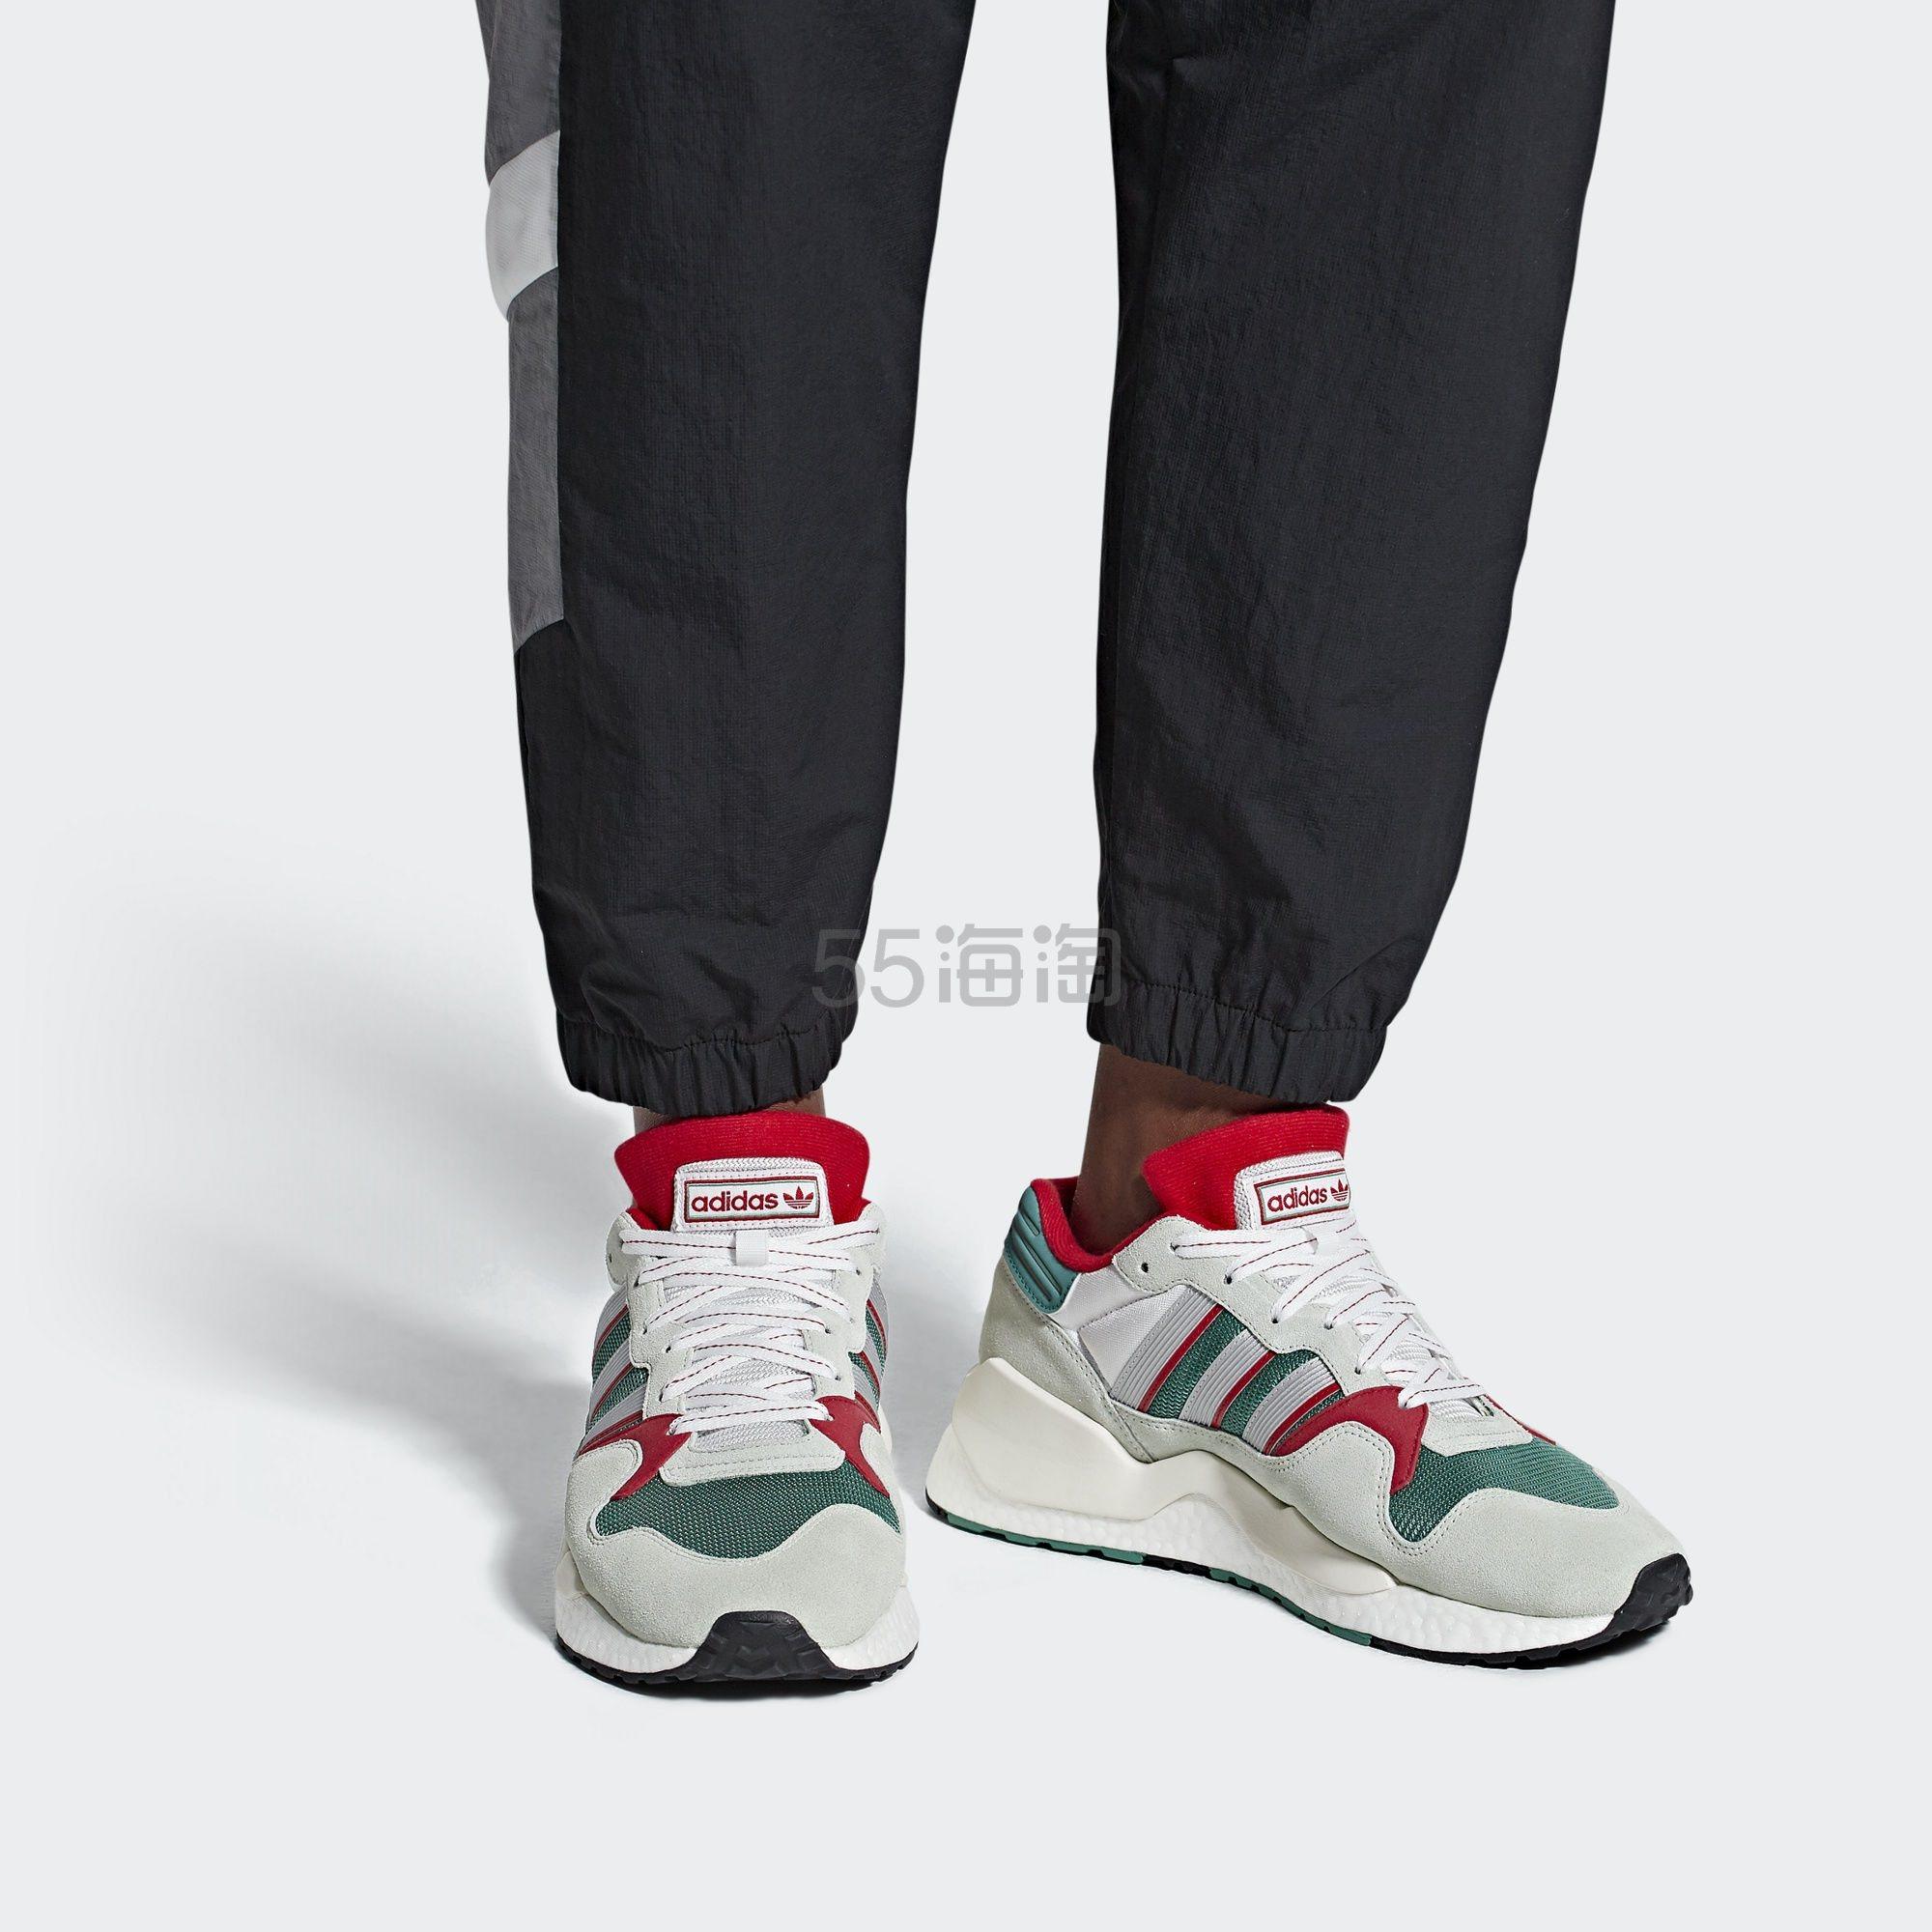 最高满减!adidas Originals 三叶草 ZX930XEQT 男士经典运动鞋 .99(约484元) - 海淘优惠海淘折扣|55海淘网